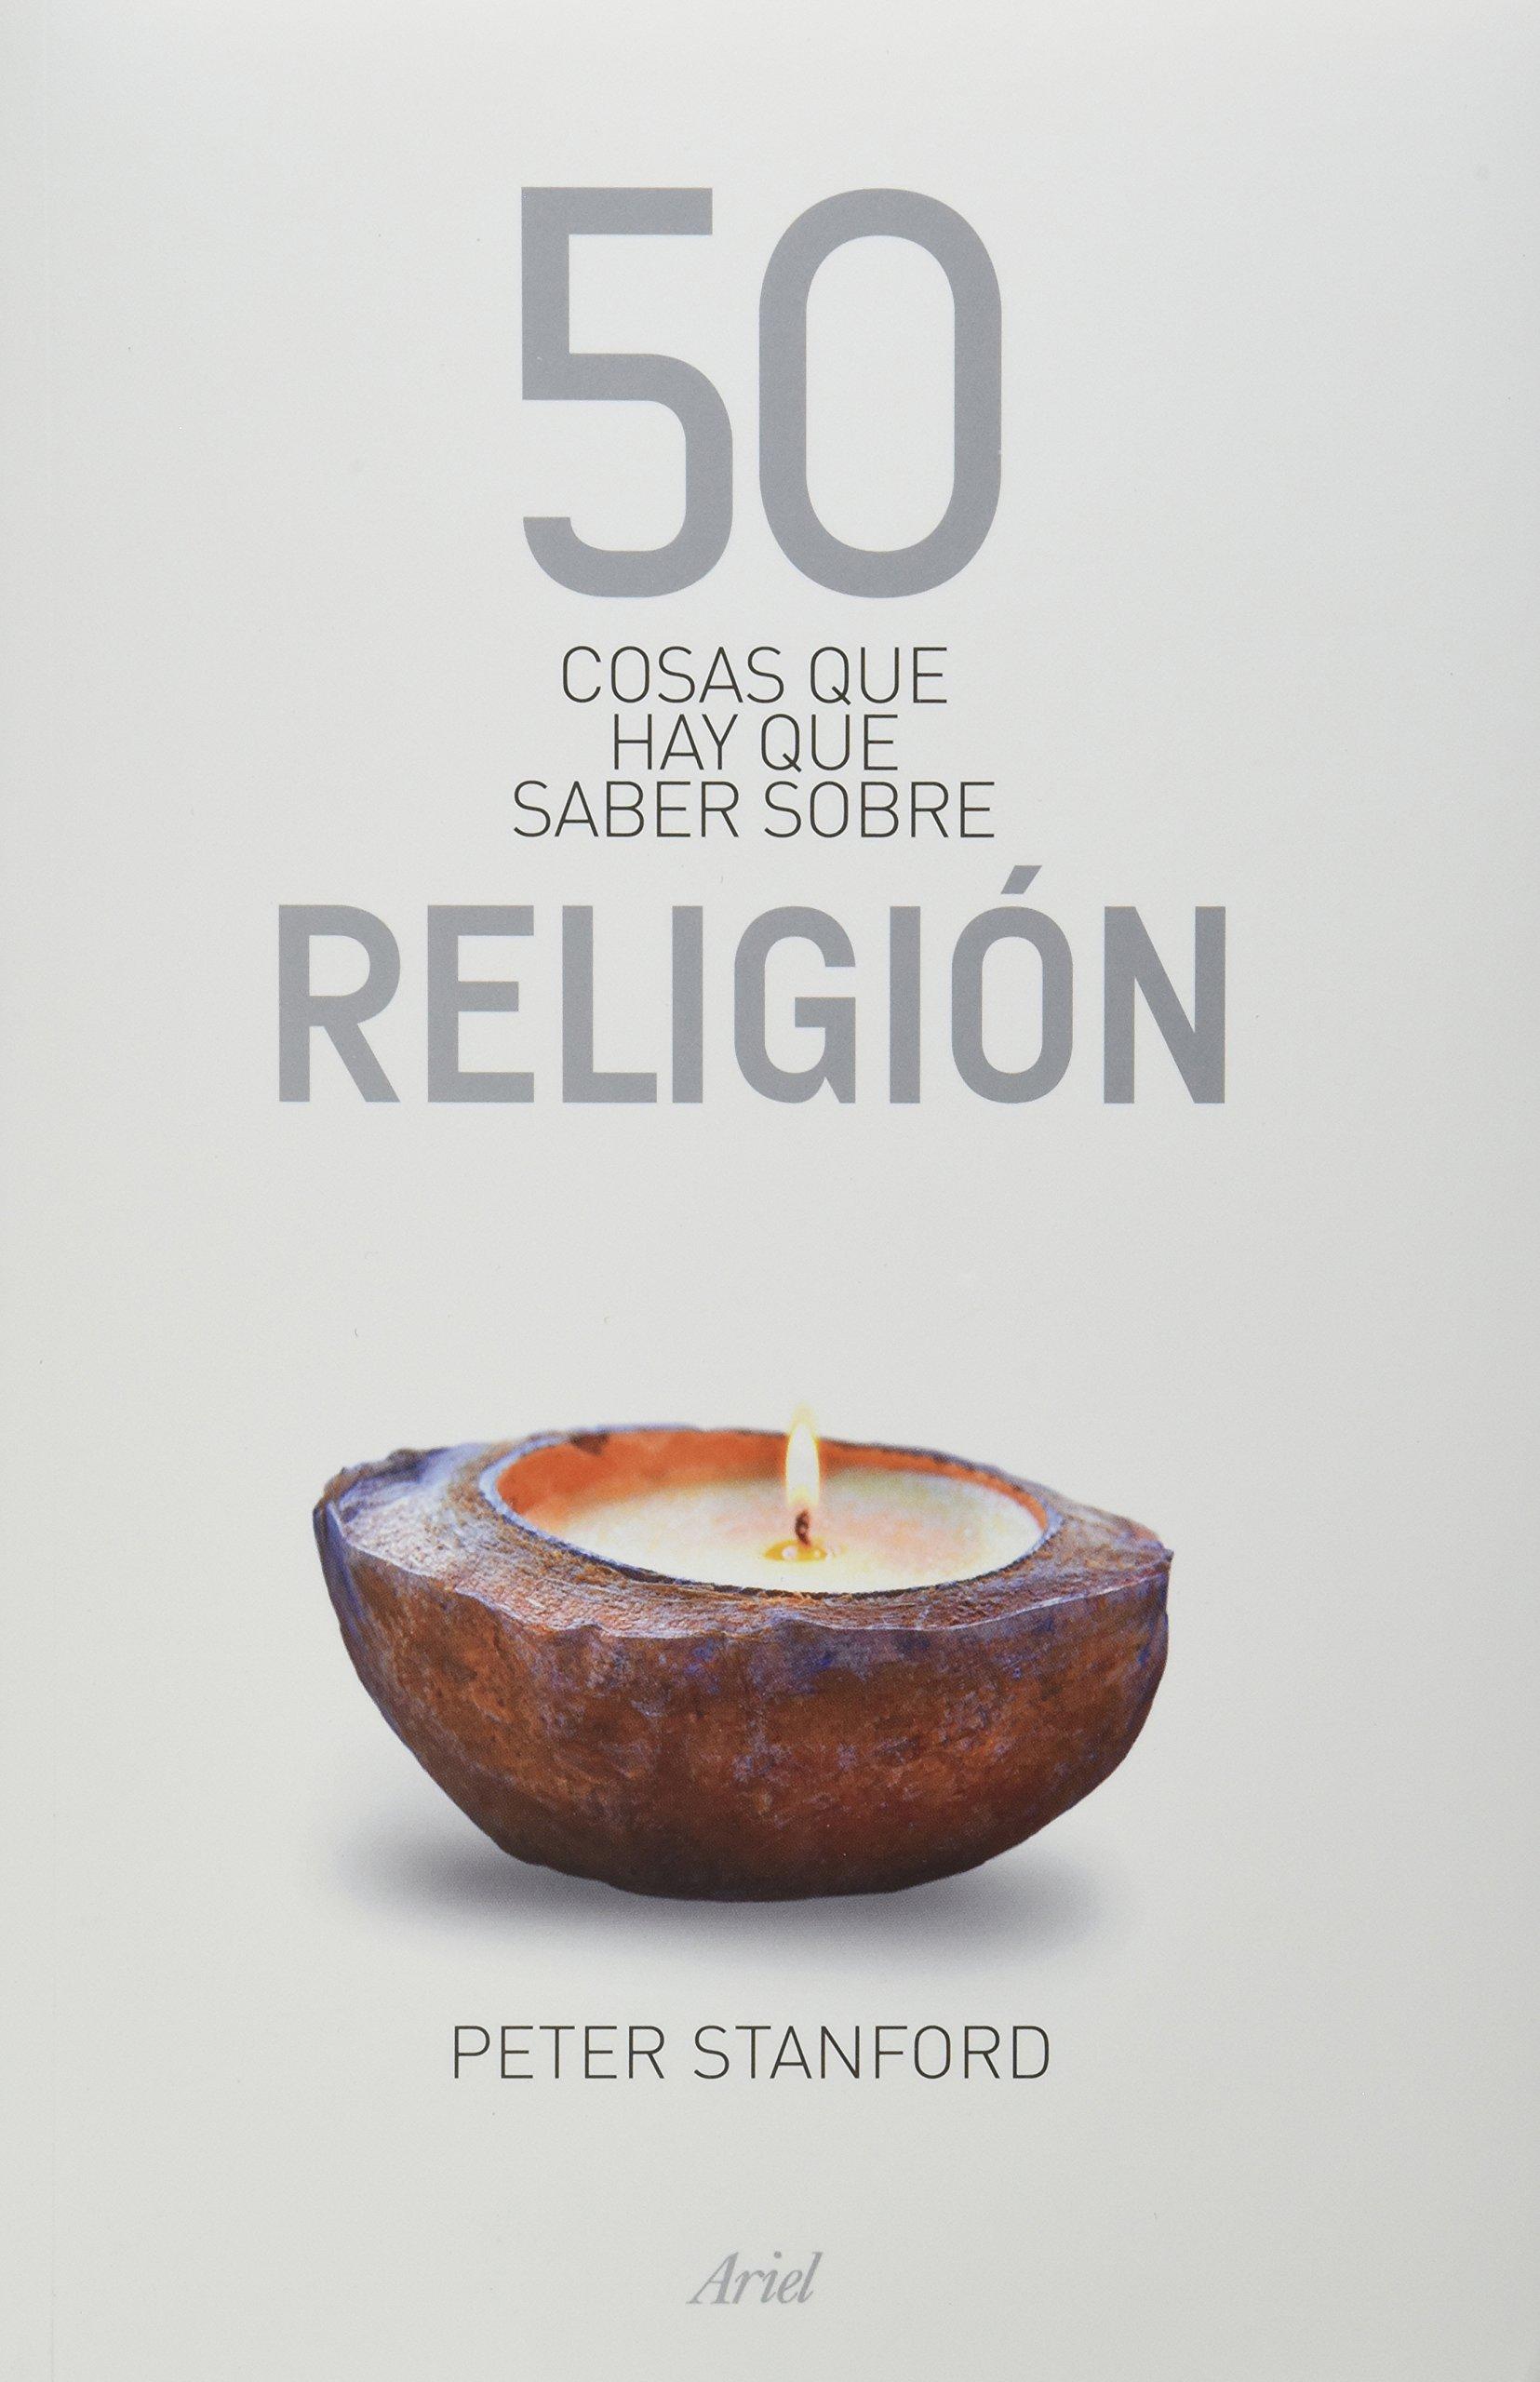 50 cosas que hay que saber sobre religion (Spanish Edition) pdf epub